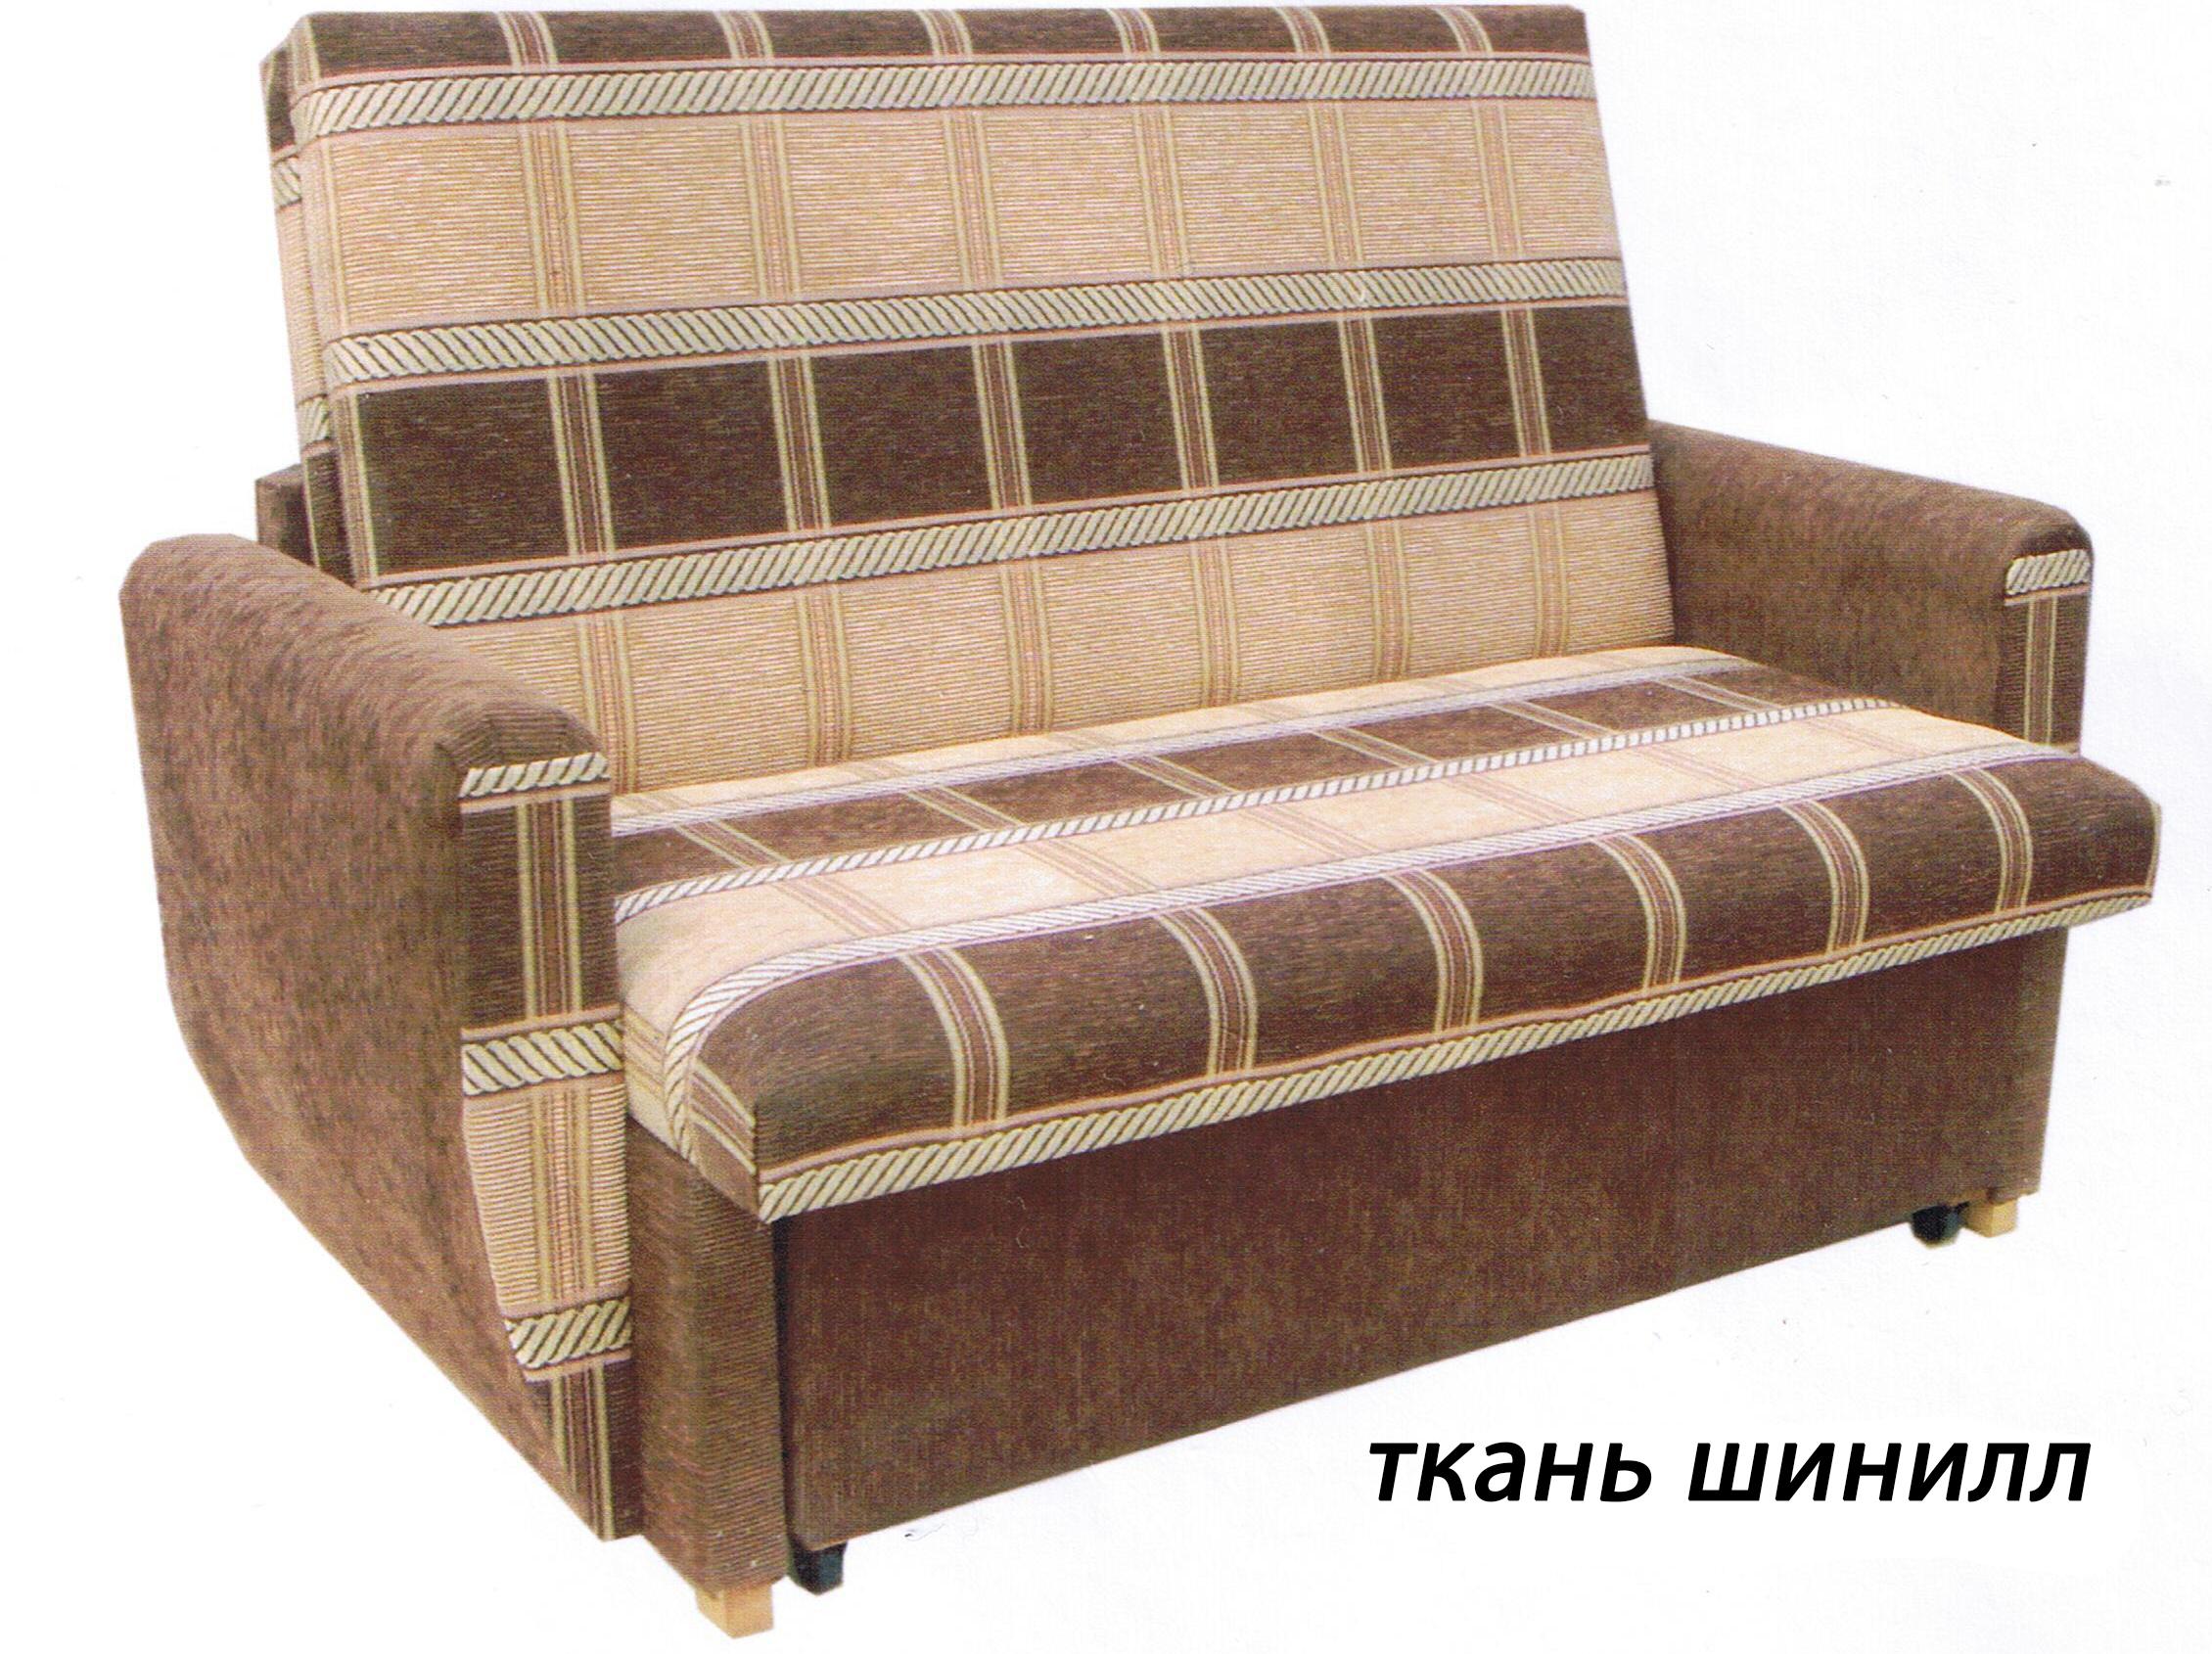 Дешевый магазин диванов Москва